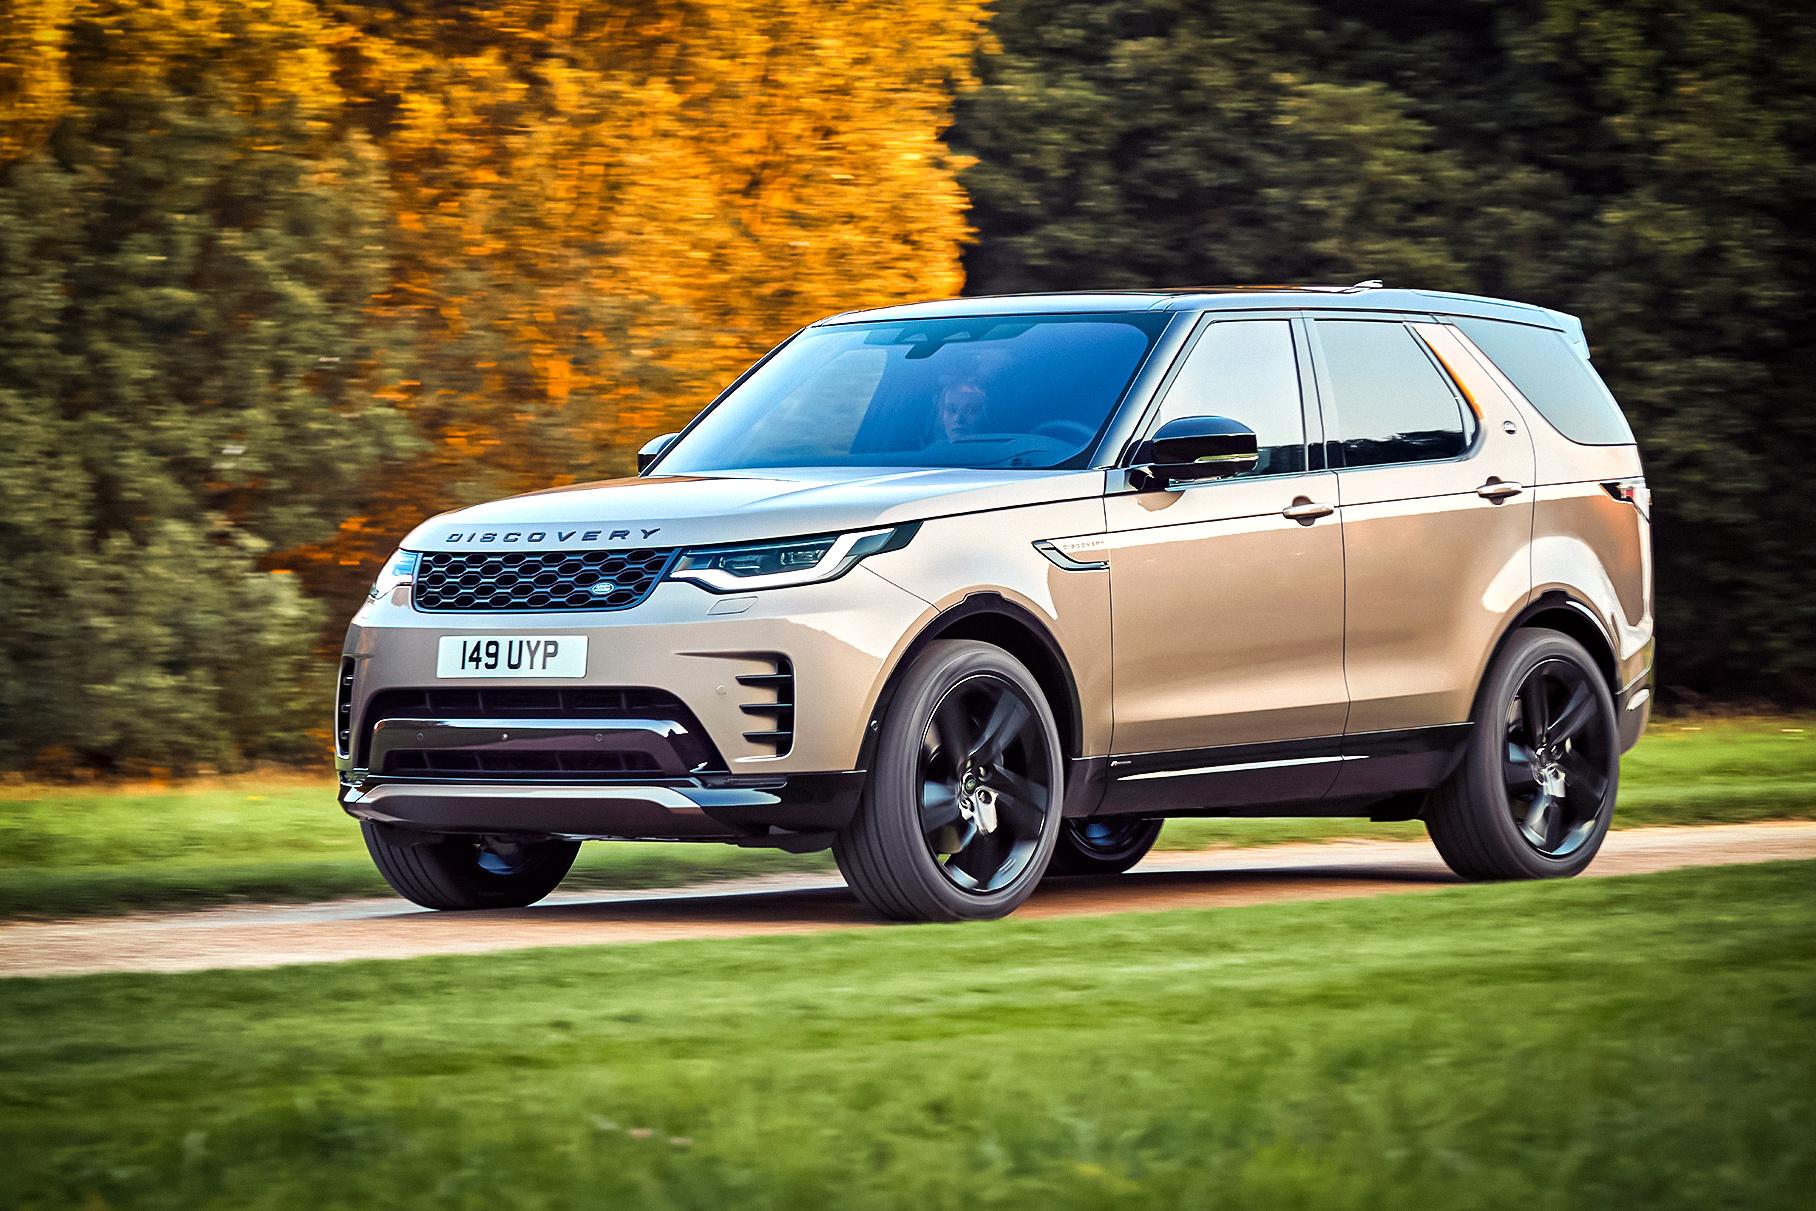 Land Rover Discovery обновился и получил новые моторы